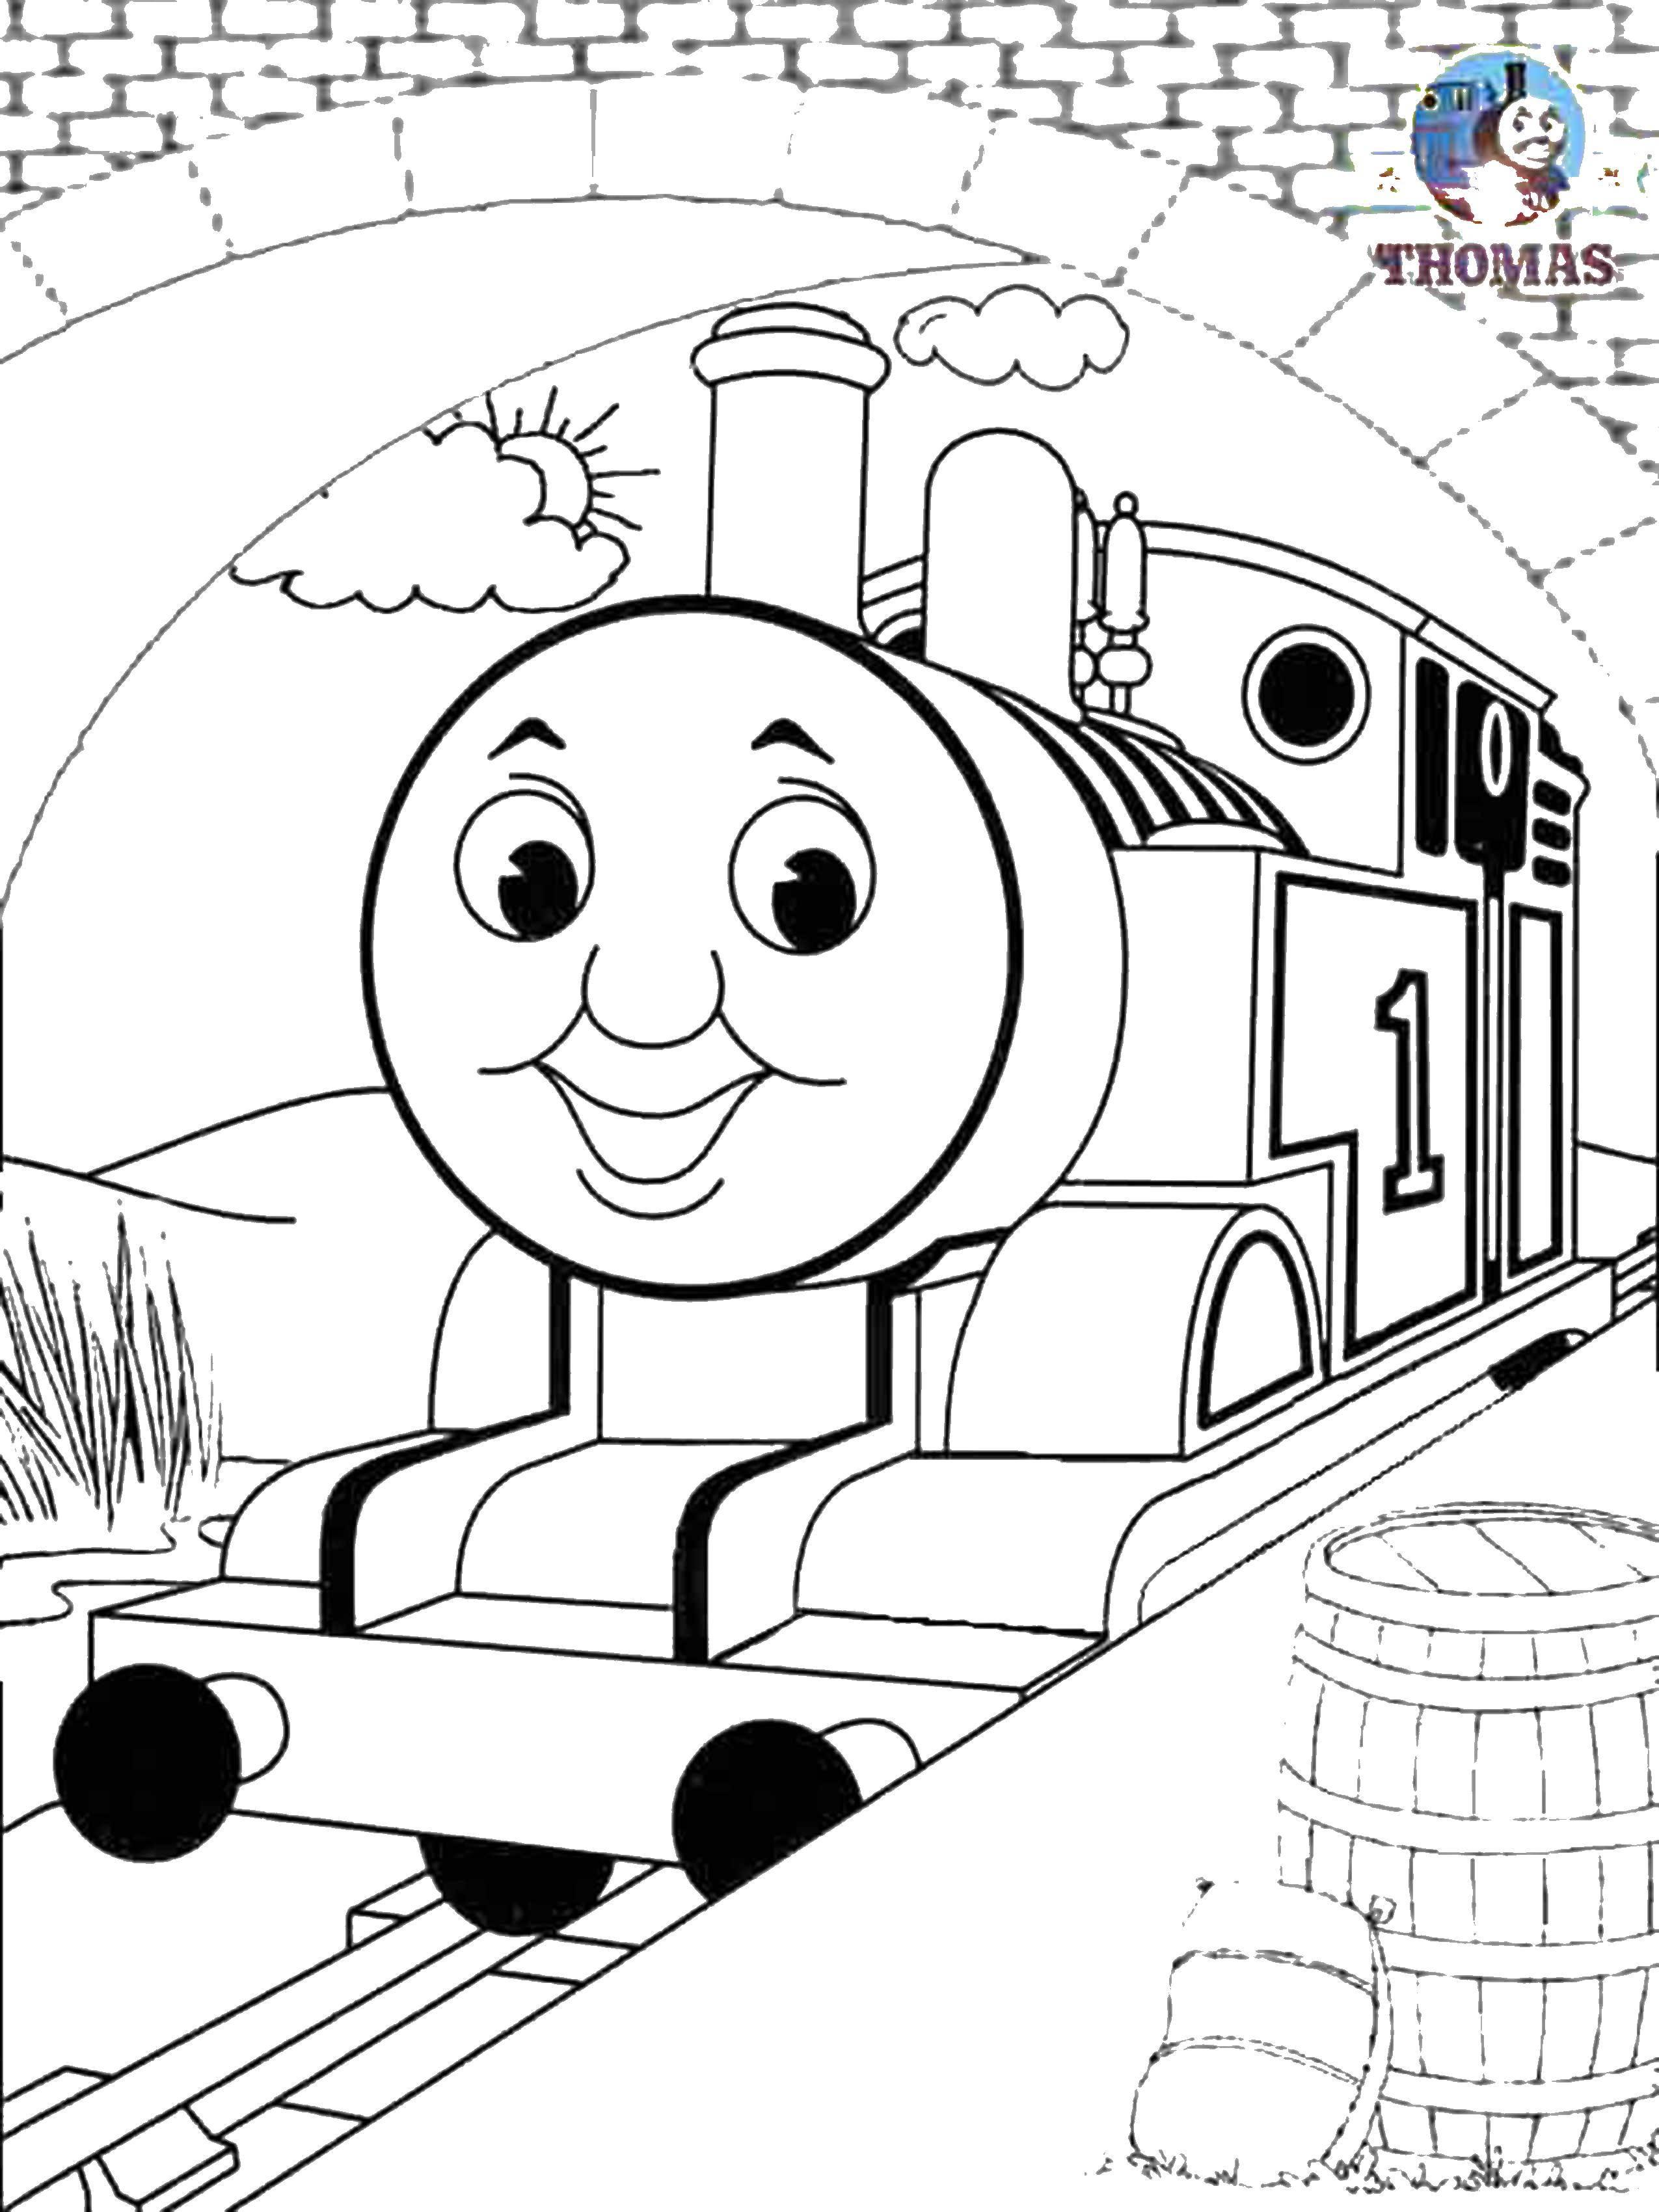 Раскраска Паровозик томас Скачать паровоз, Томас.  Распечатать ,поезд,